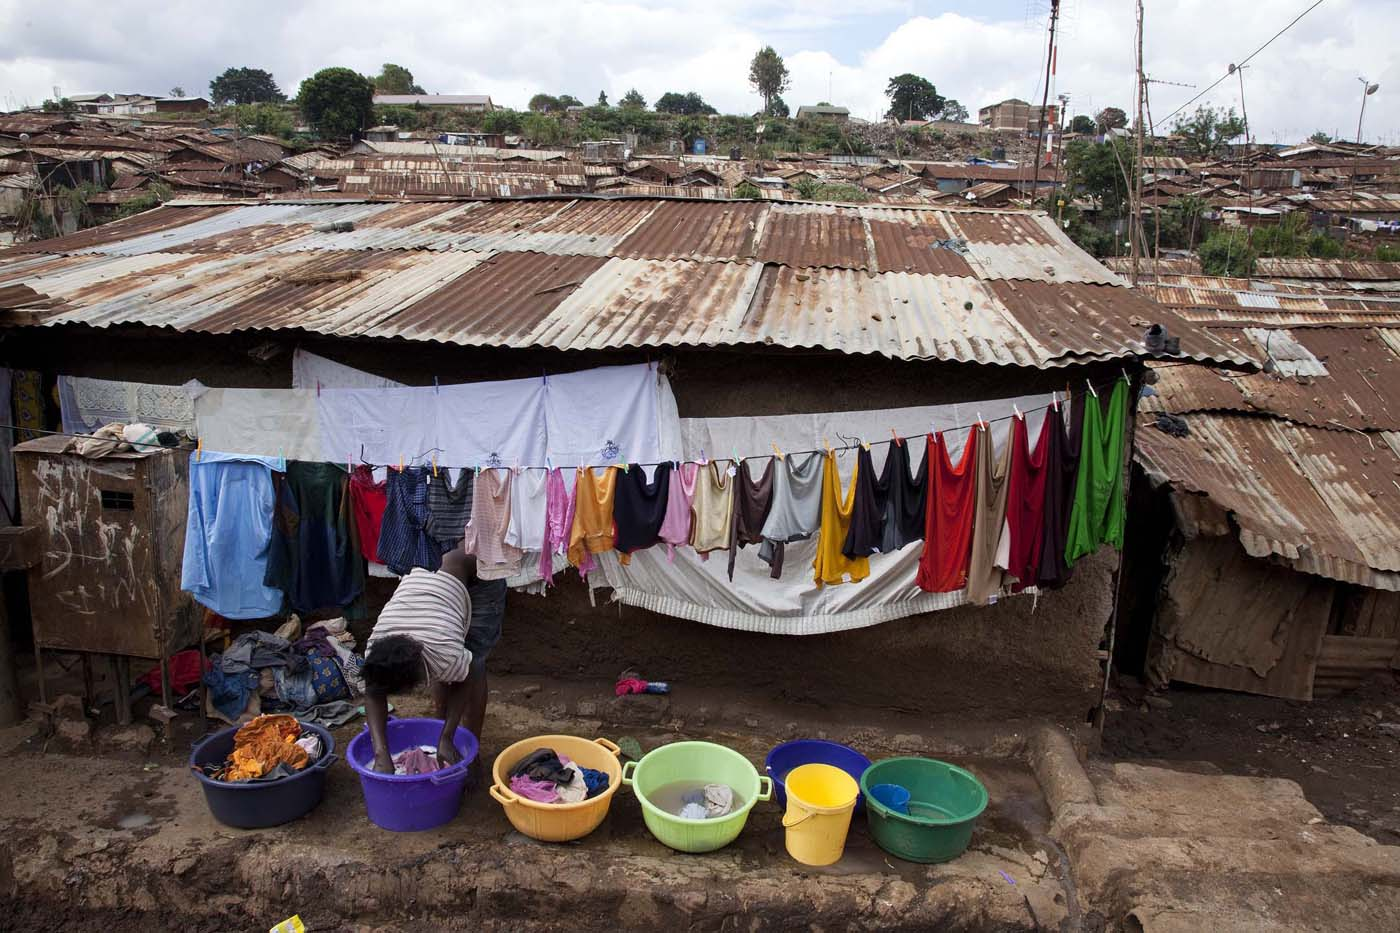 Kibera – a slum area